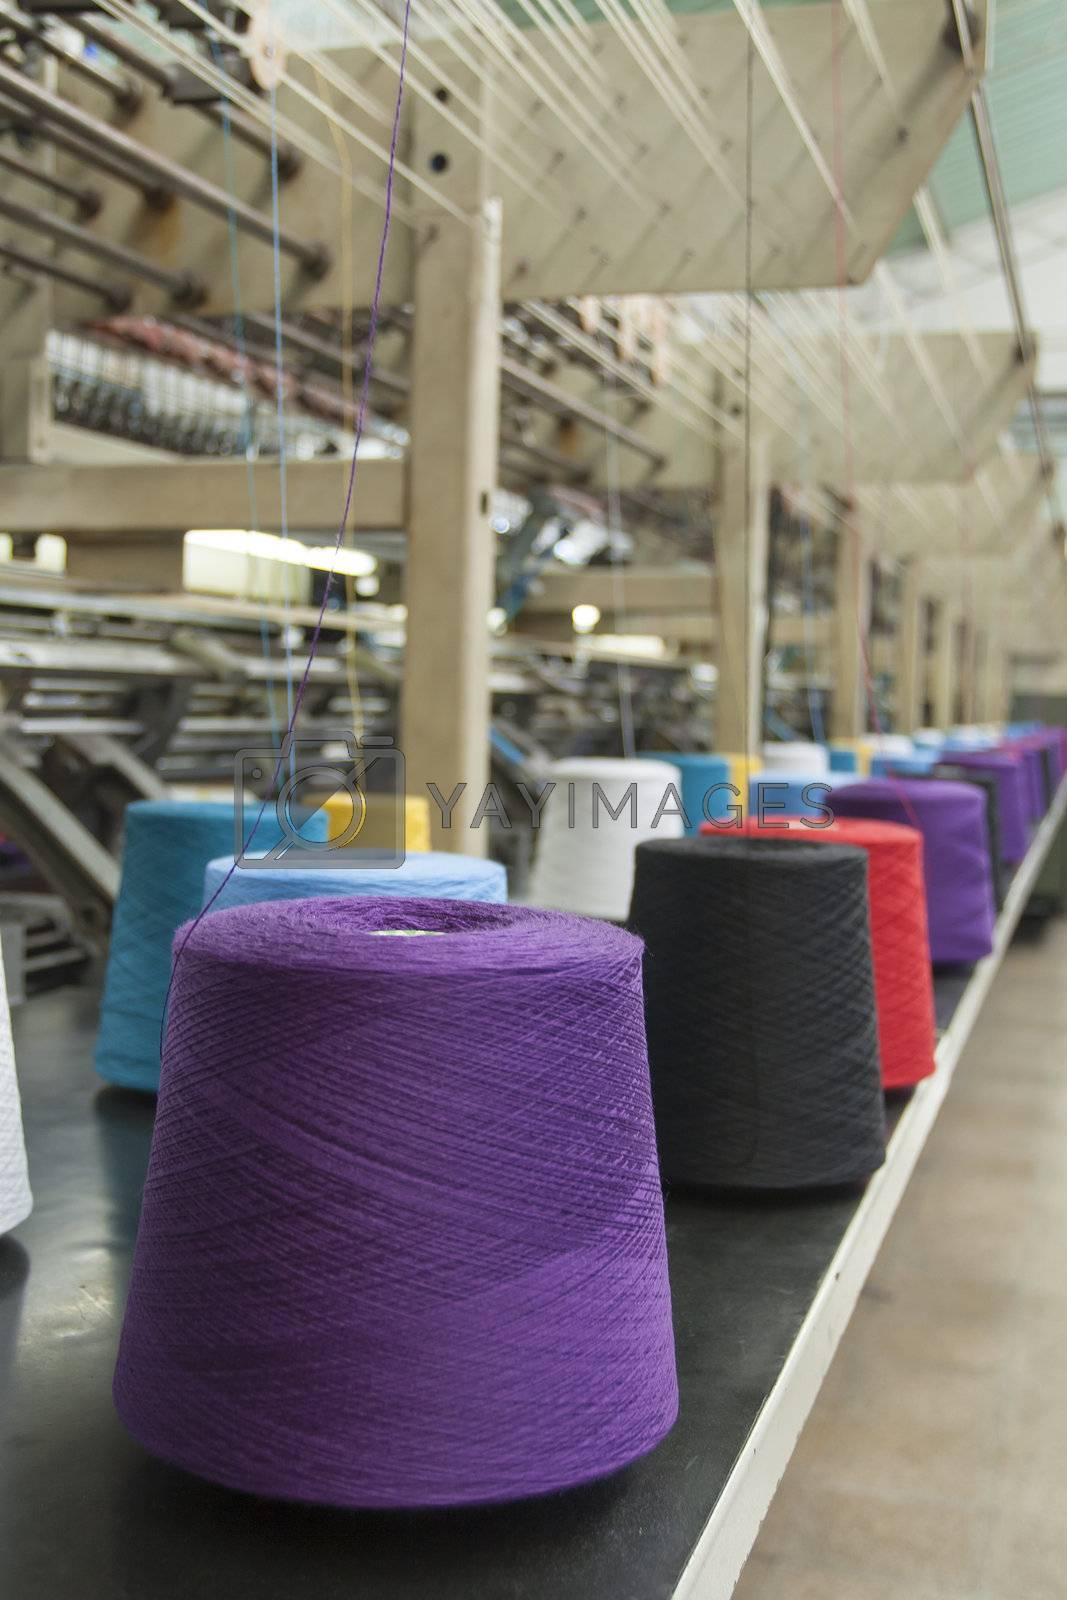 Textile Production - Weaving machine